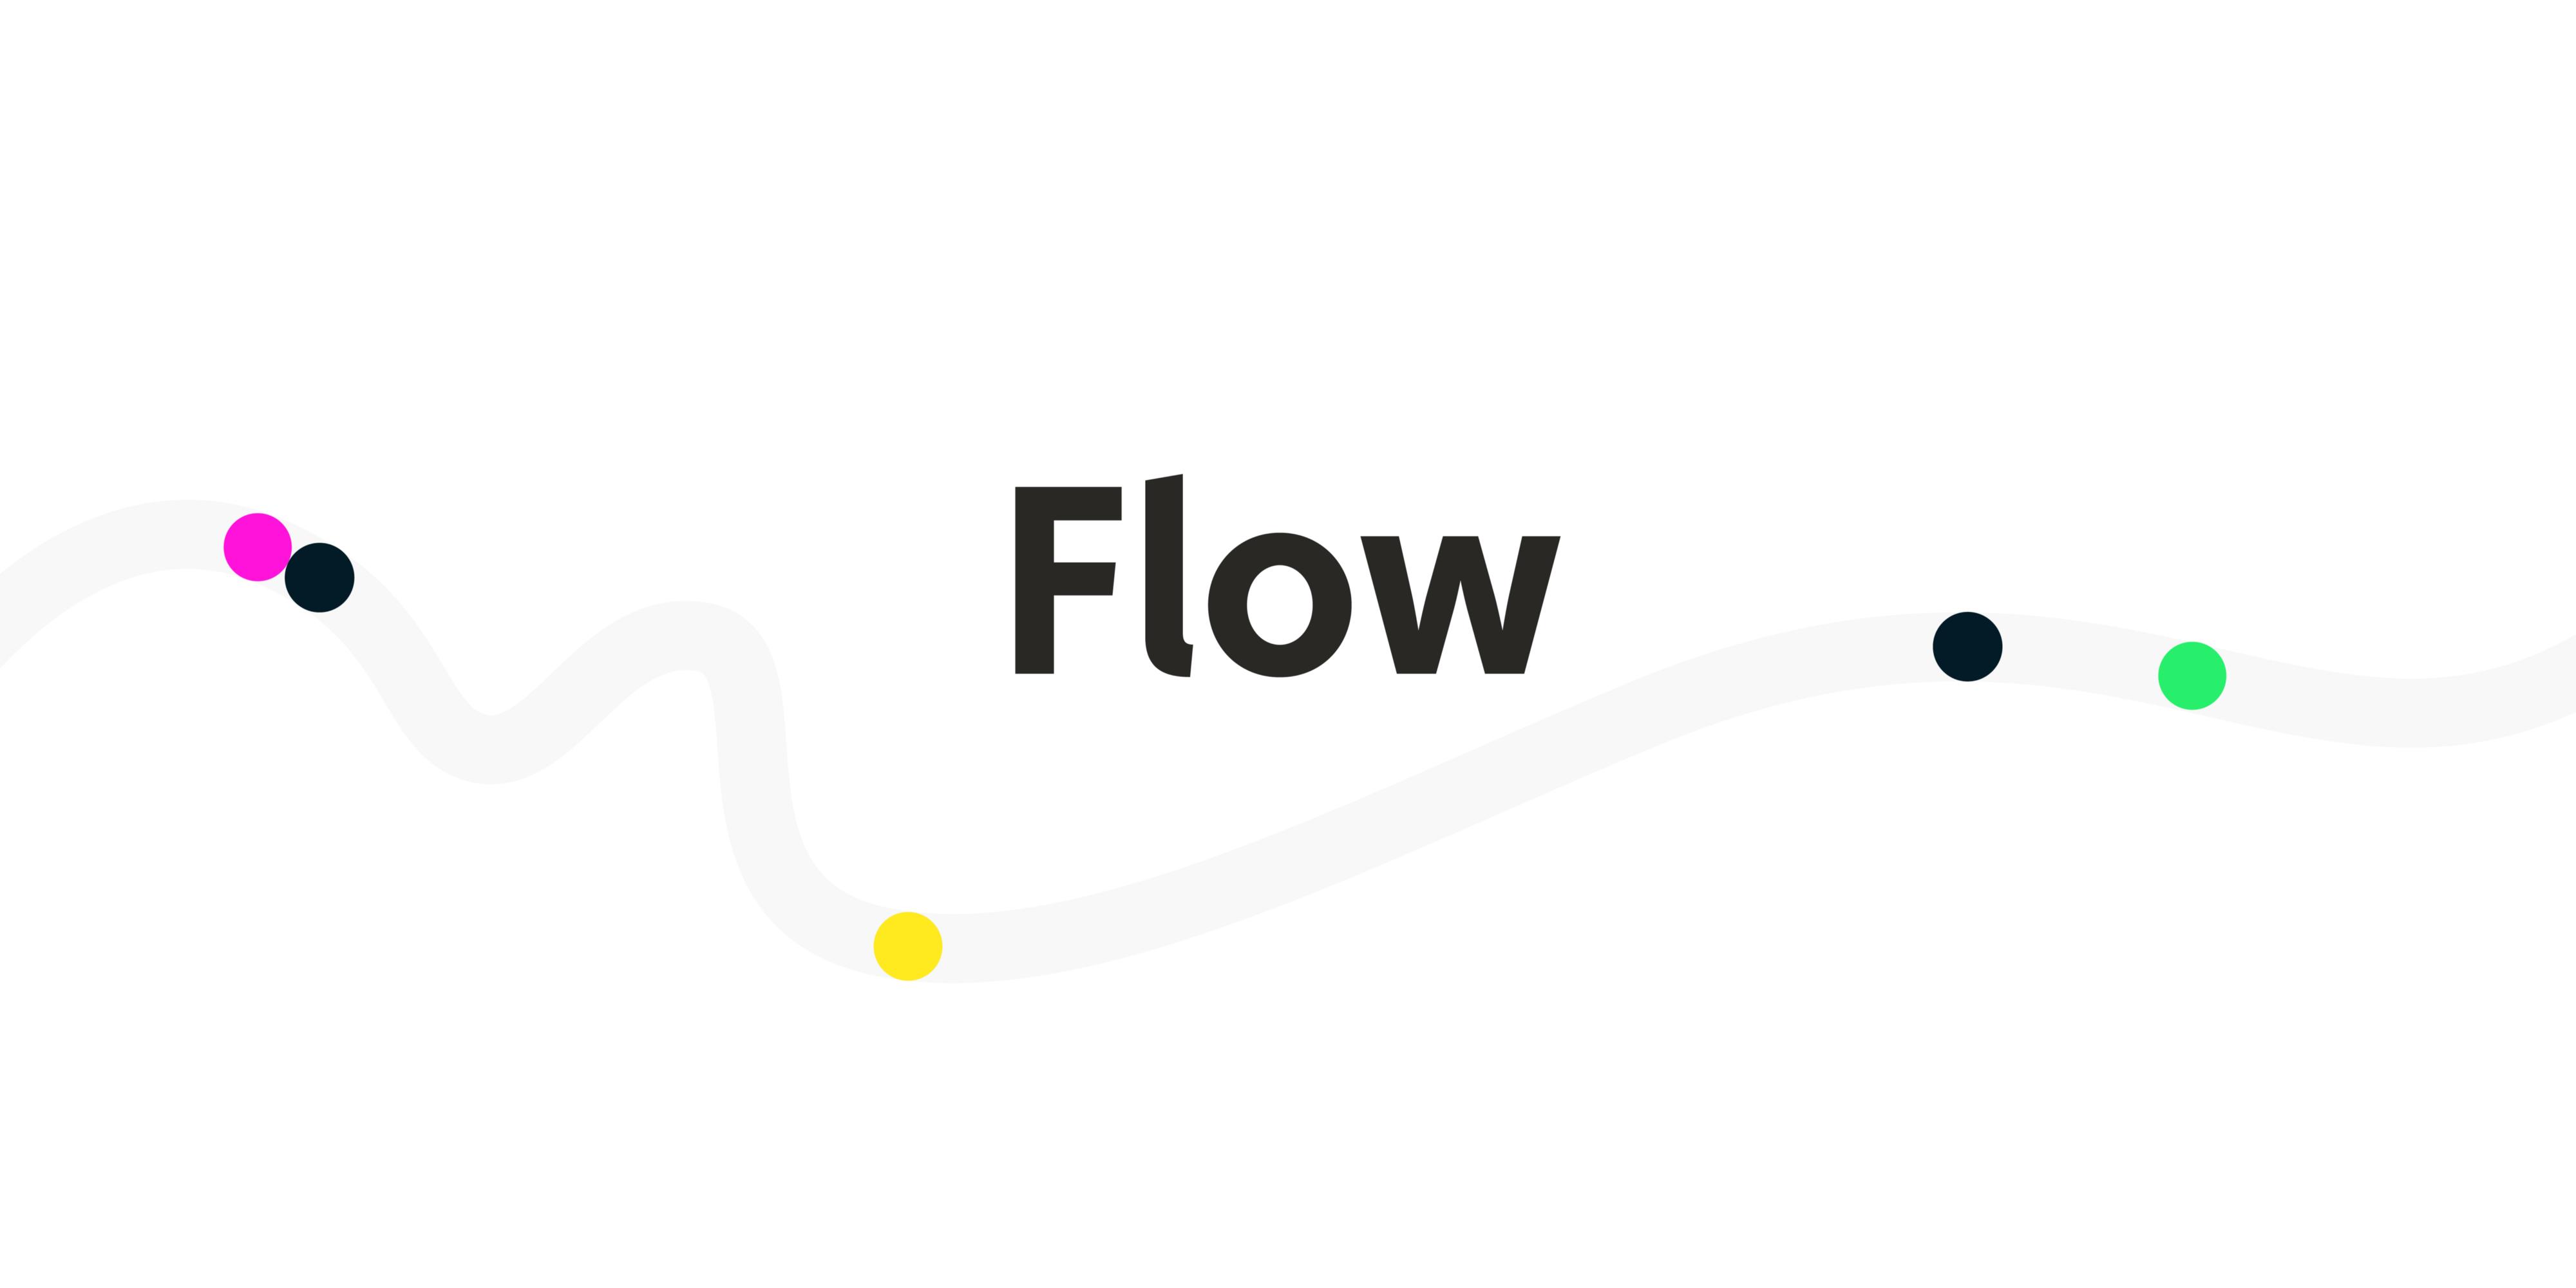 Télécharger photo flow png